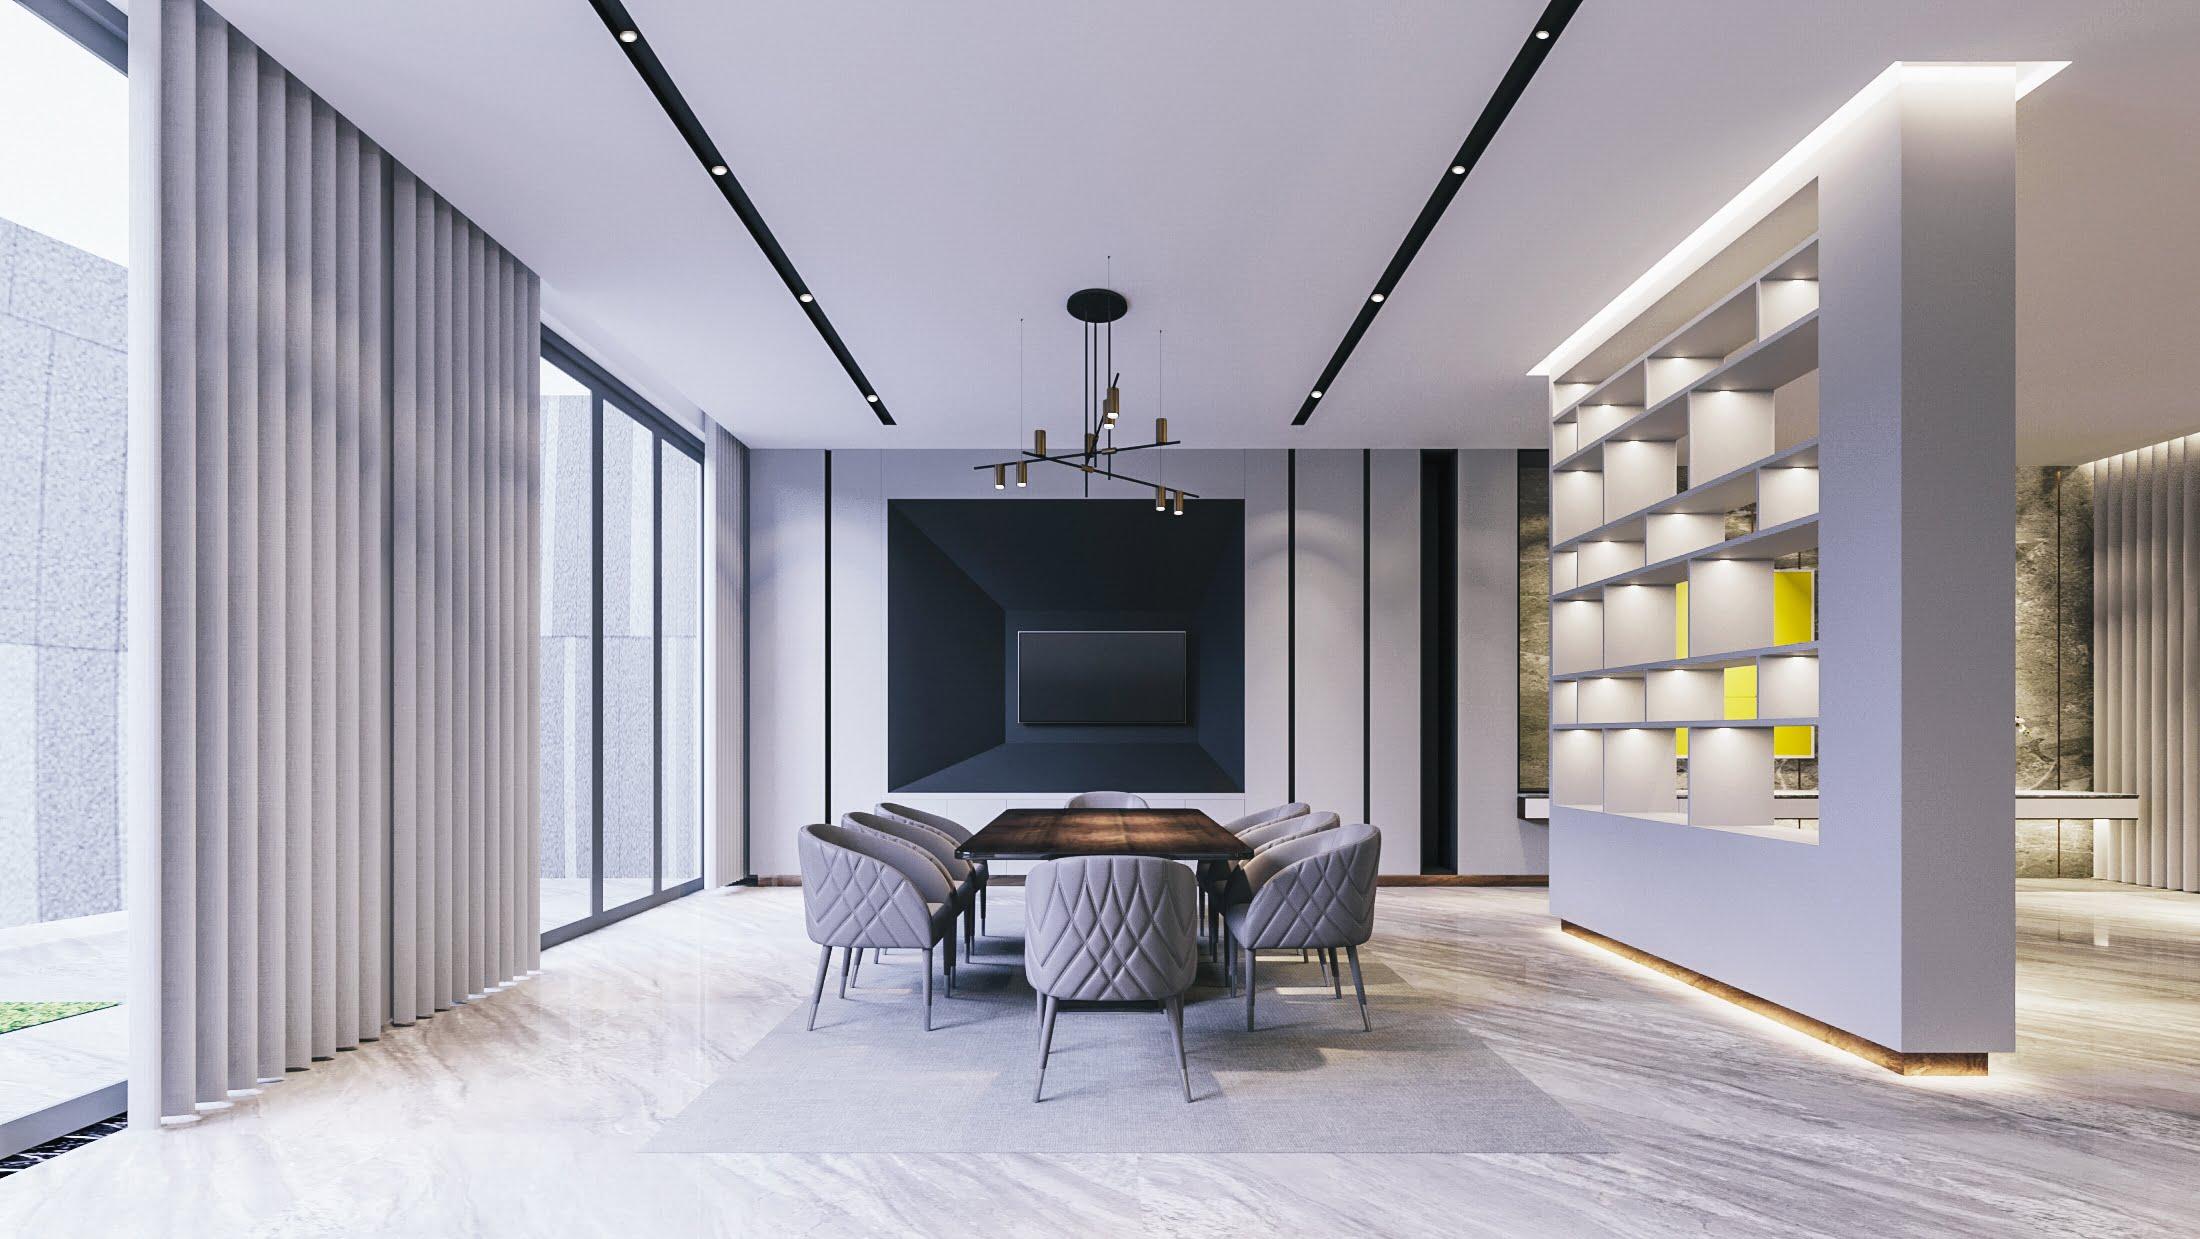 biệt thự 3 tầng 150m2 hiện đại đẹp 9